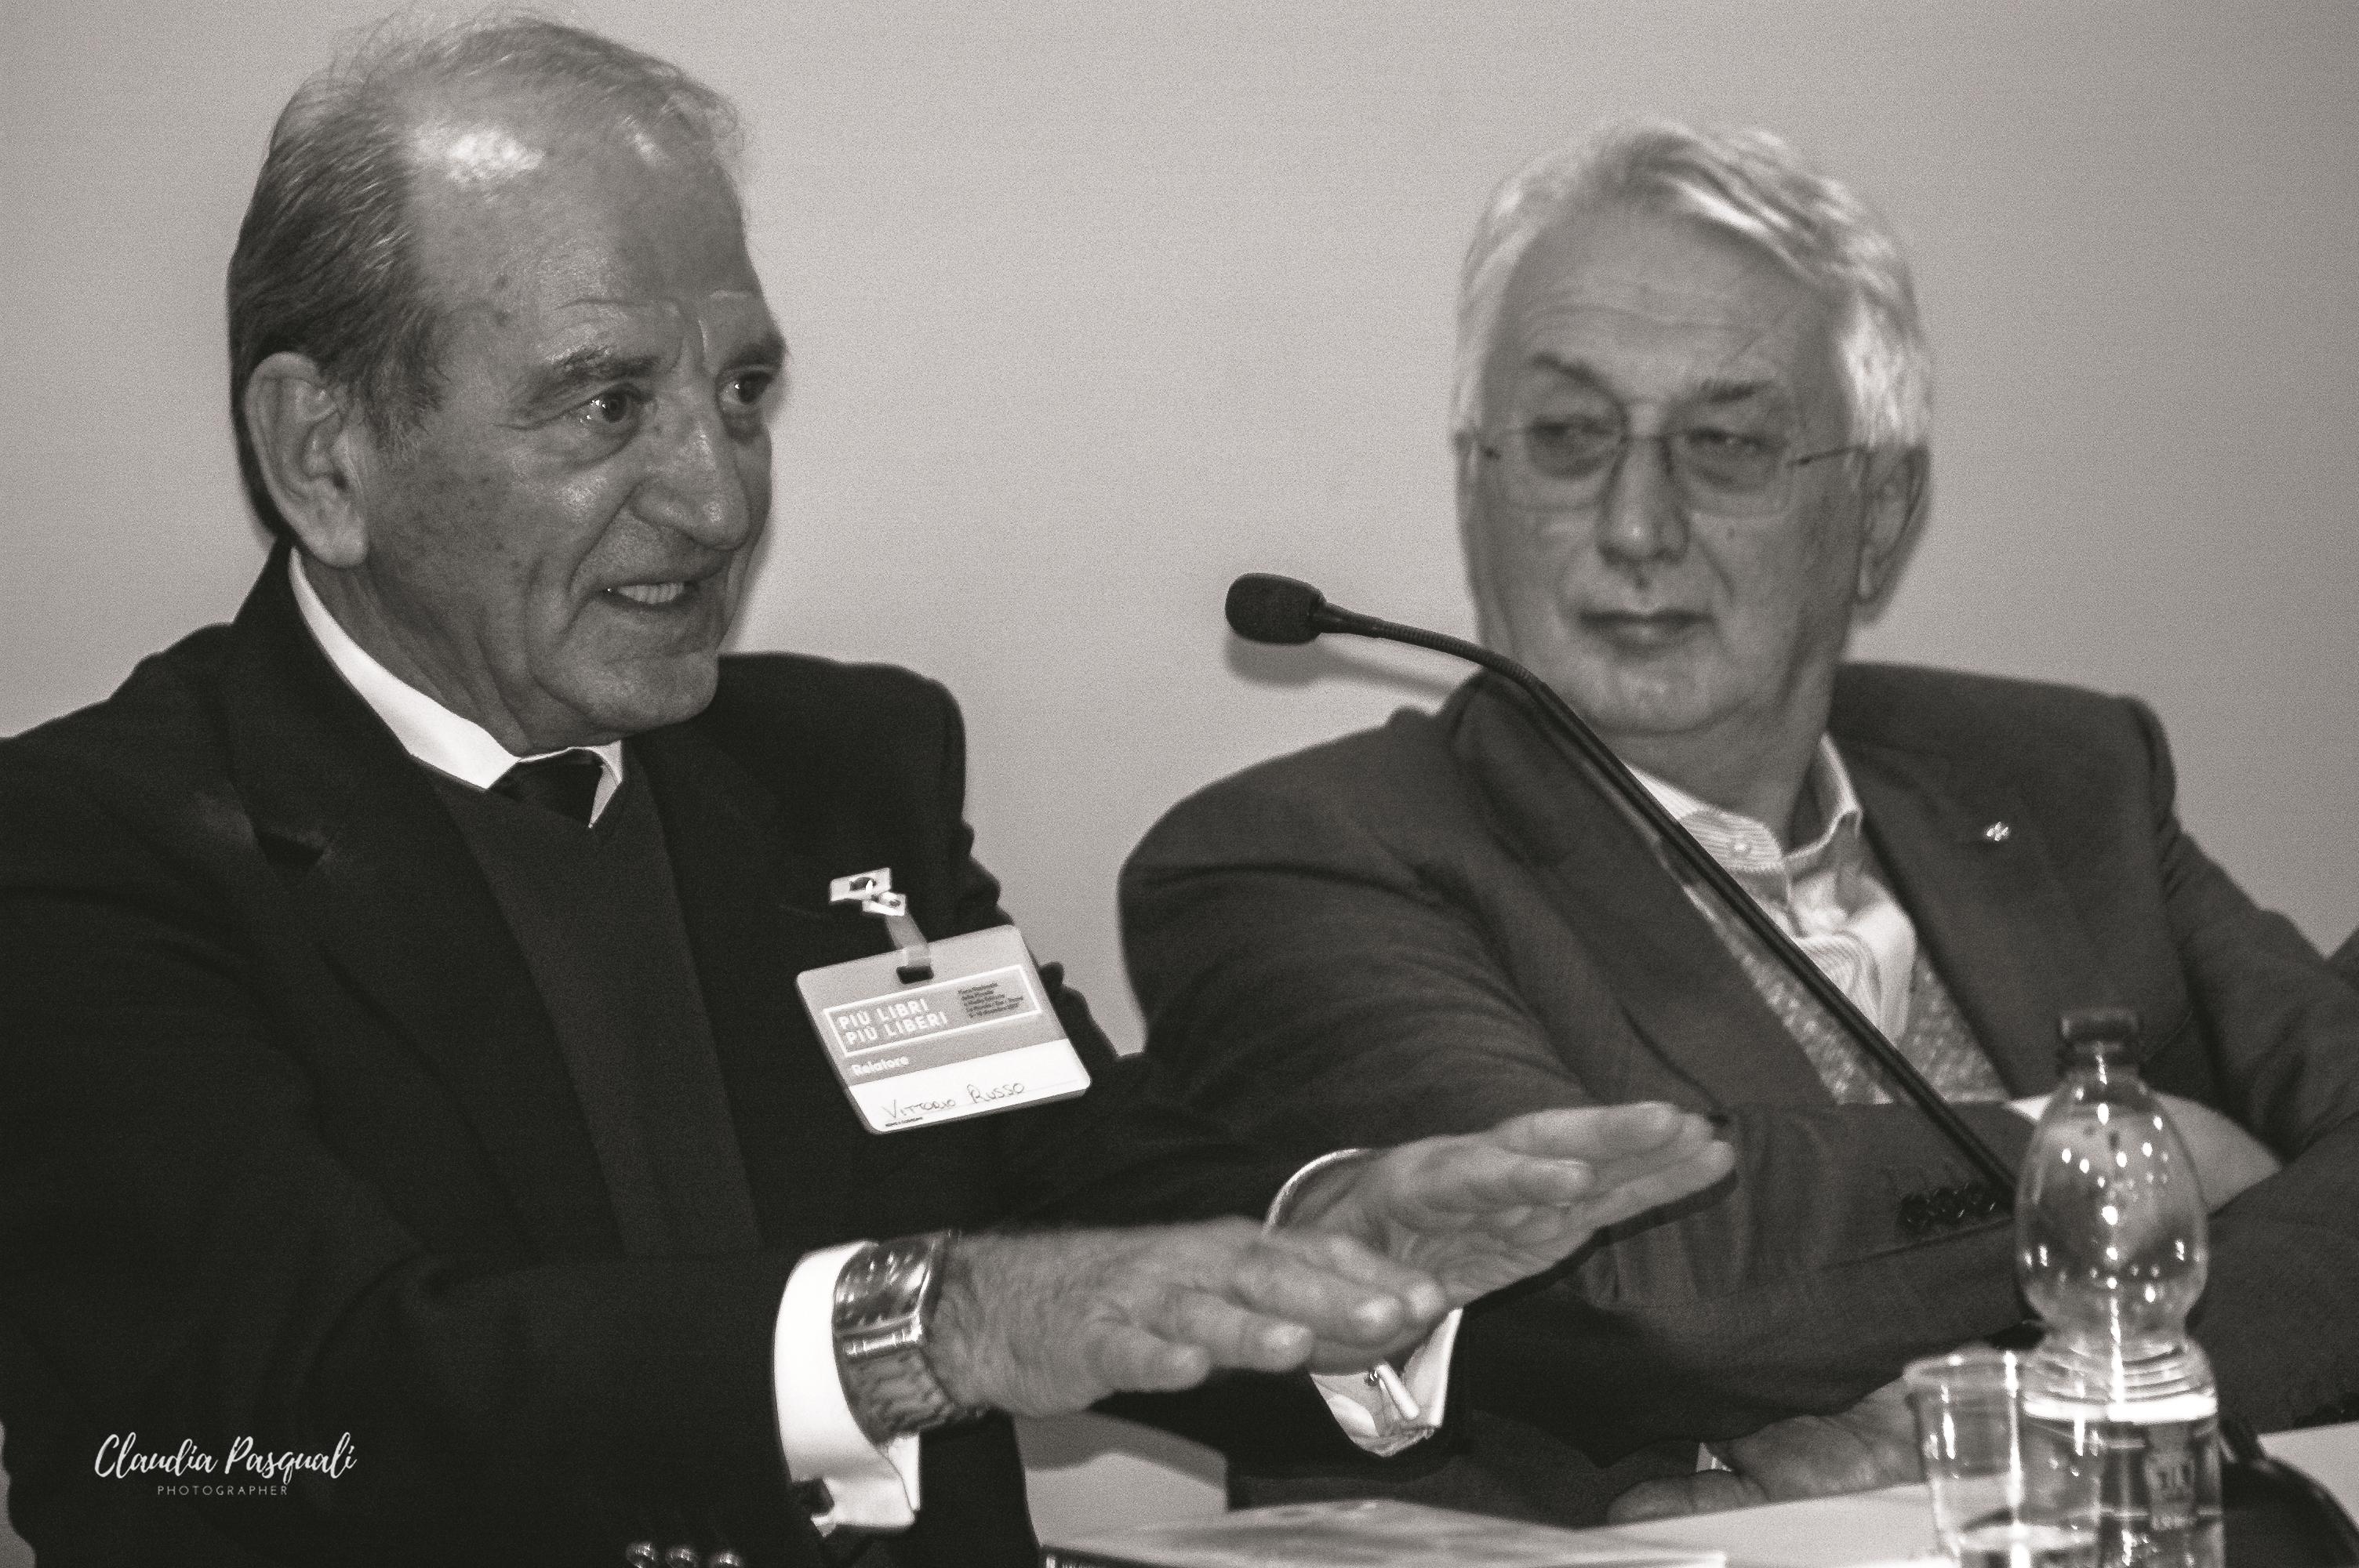 """Presentazione del libro di Vittorio Russo """"Transiberiana"""" a Più Libri Più Liberi. Nella foto: l'autore Vittorio Russo e Oldino Cernoia."""